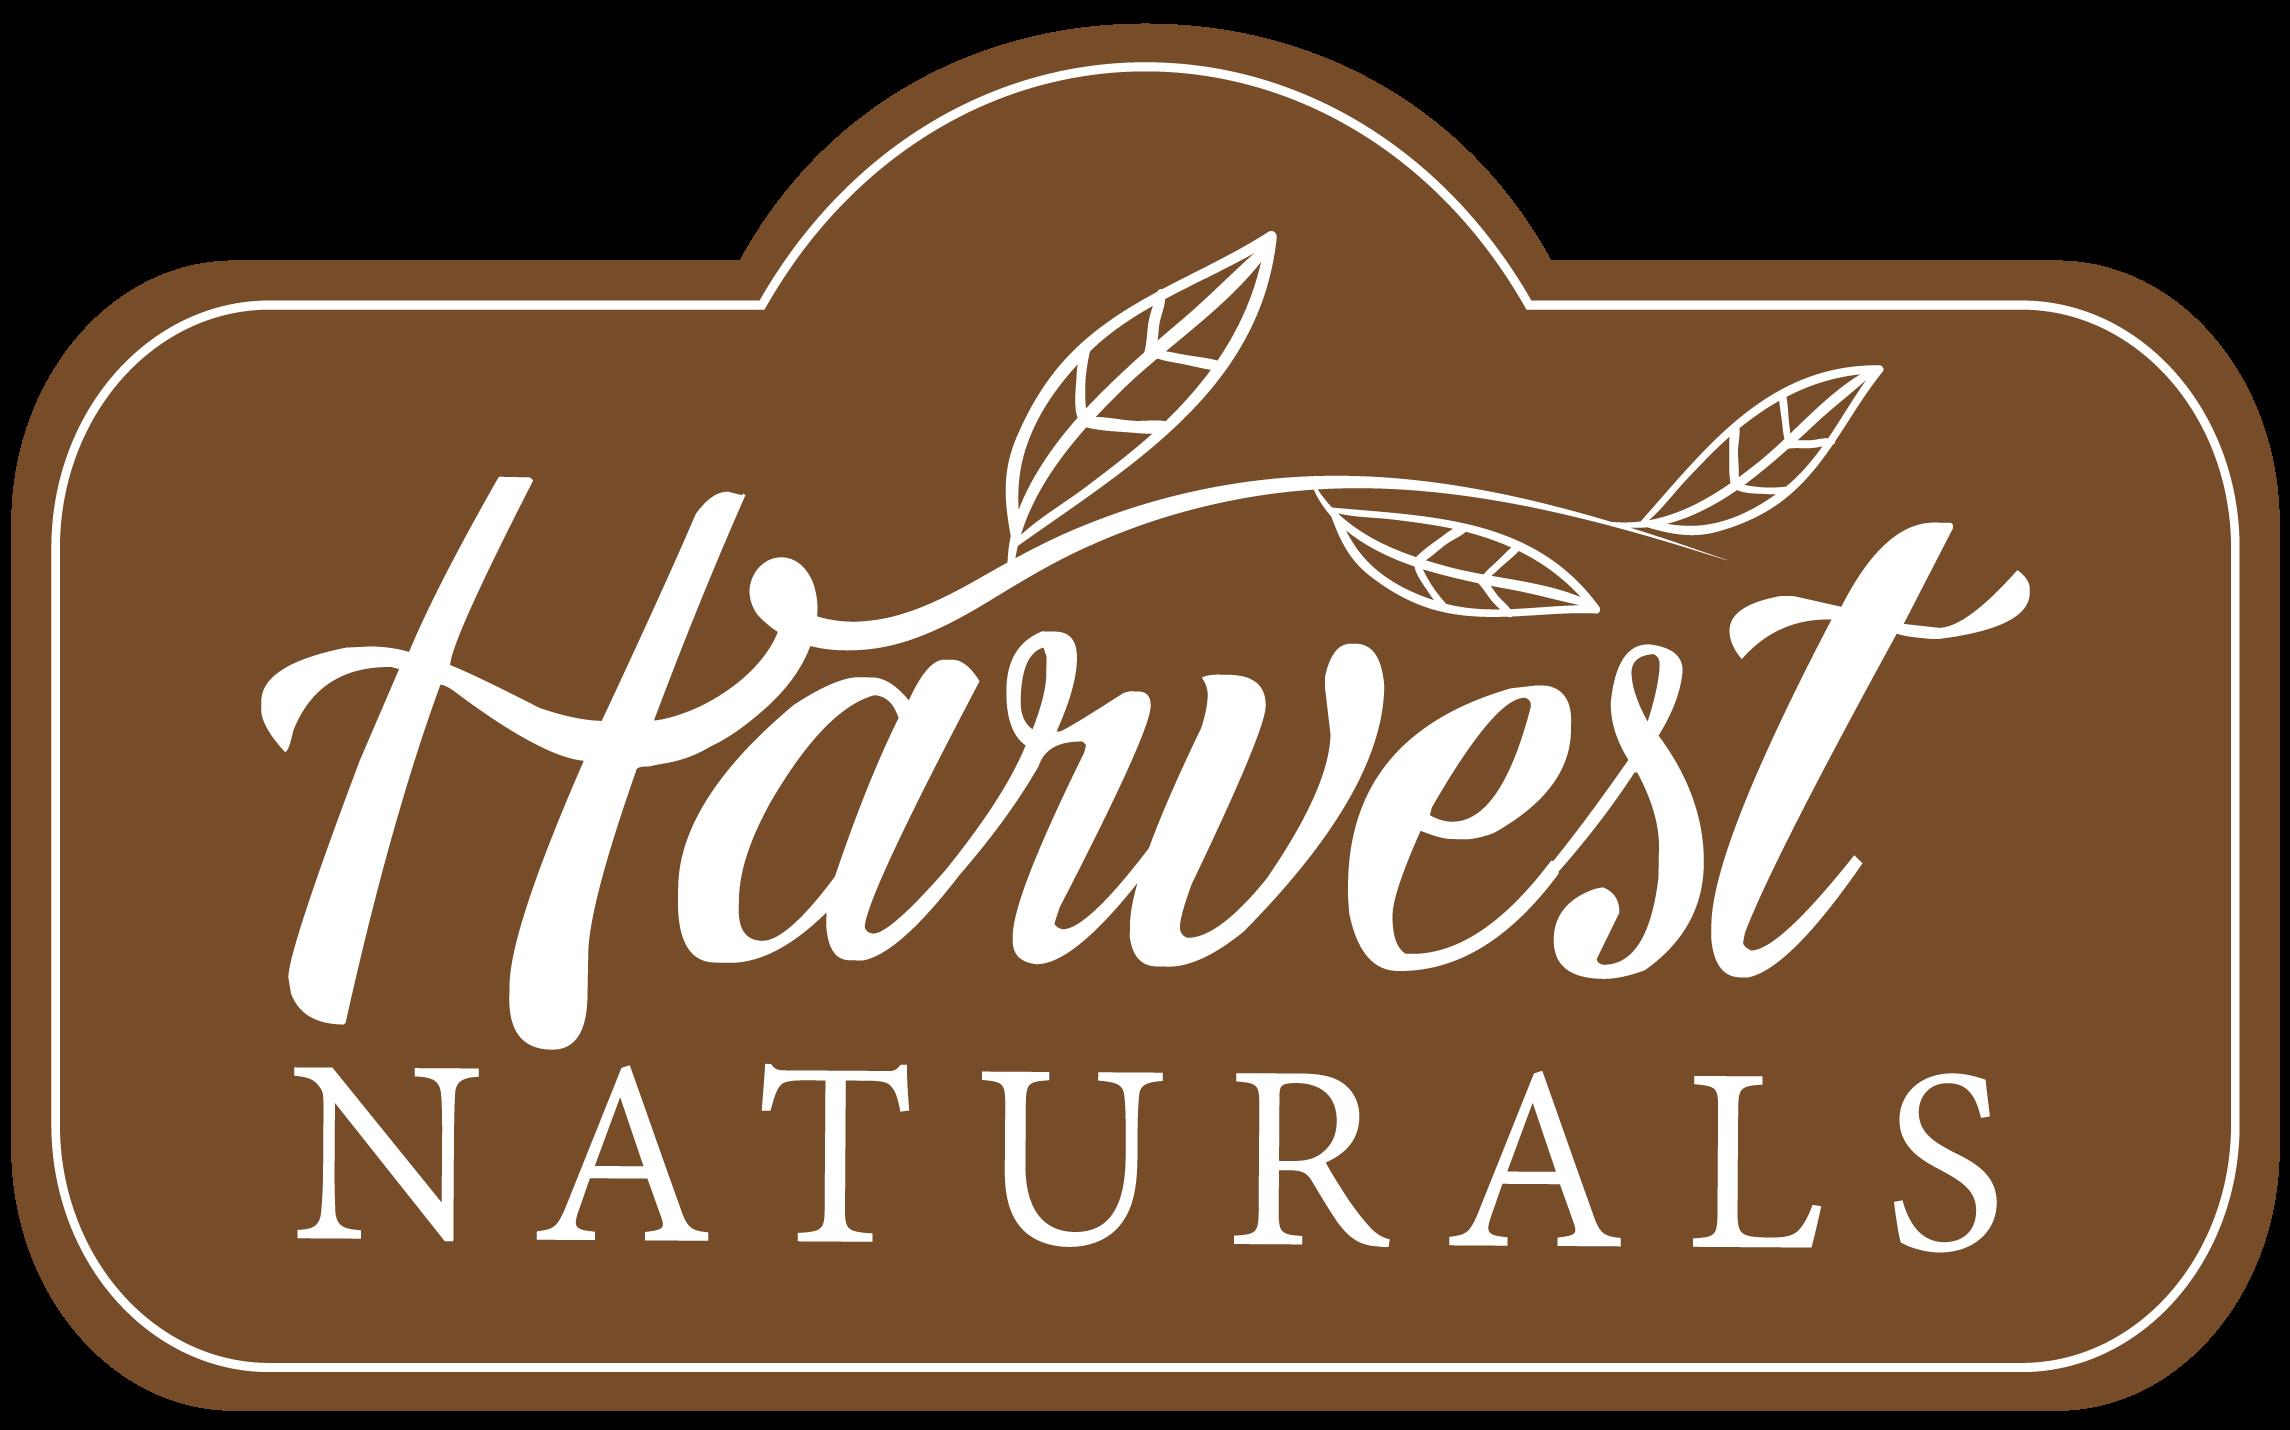 logo-harvest-naturals.png